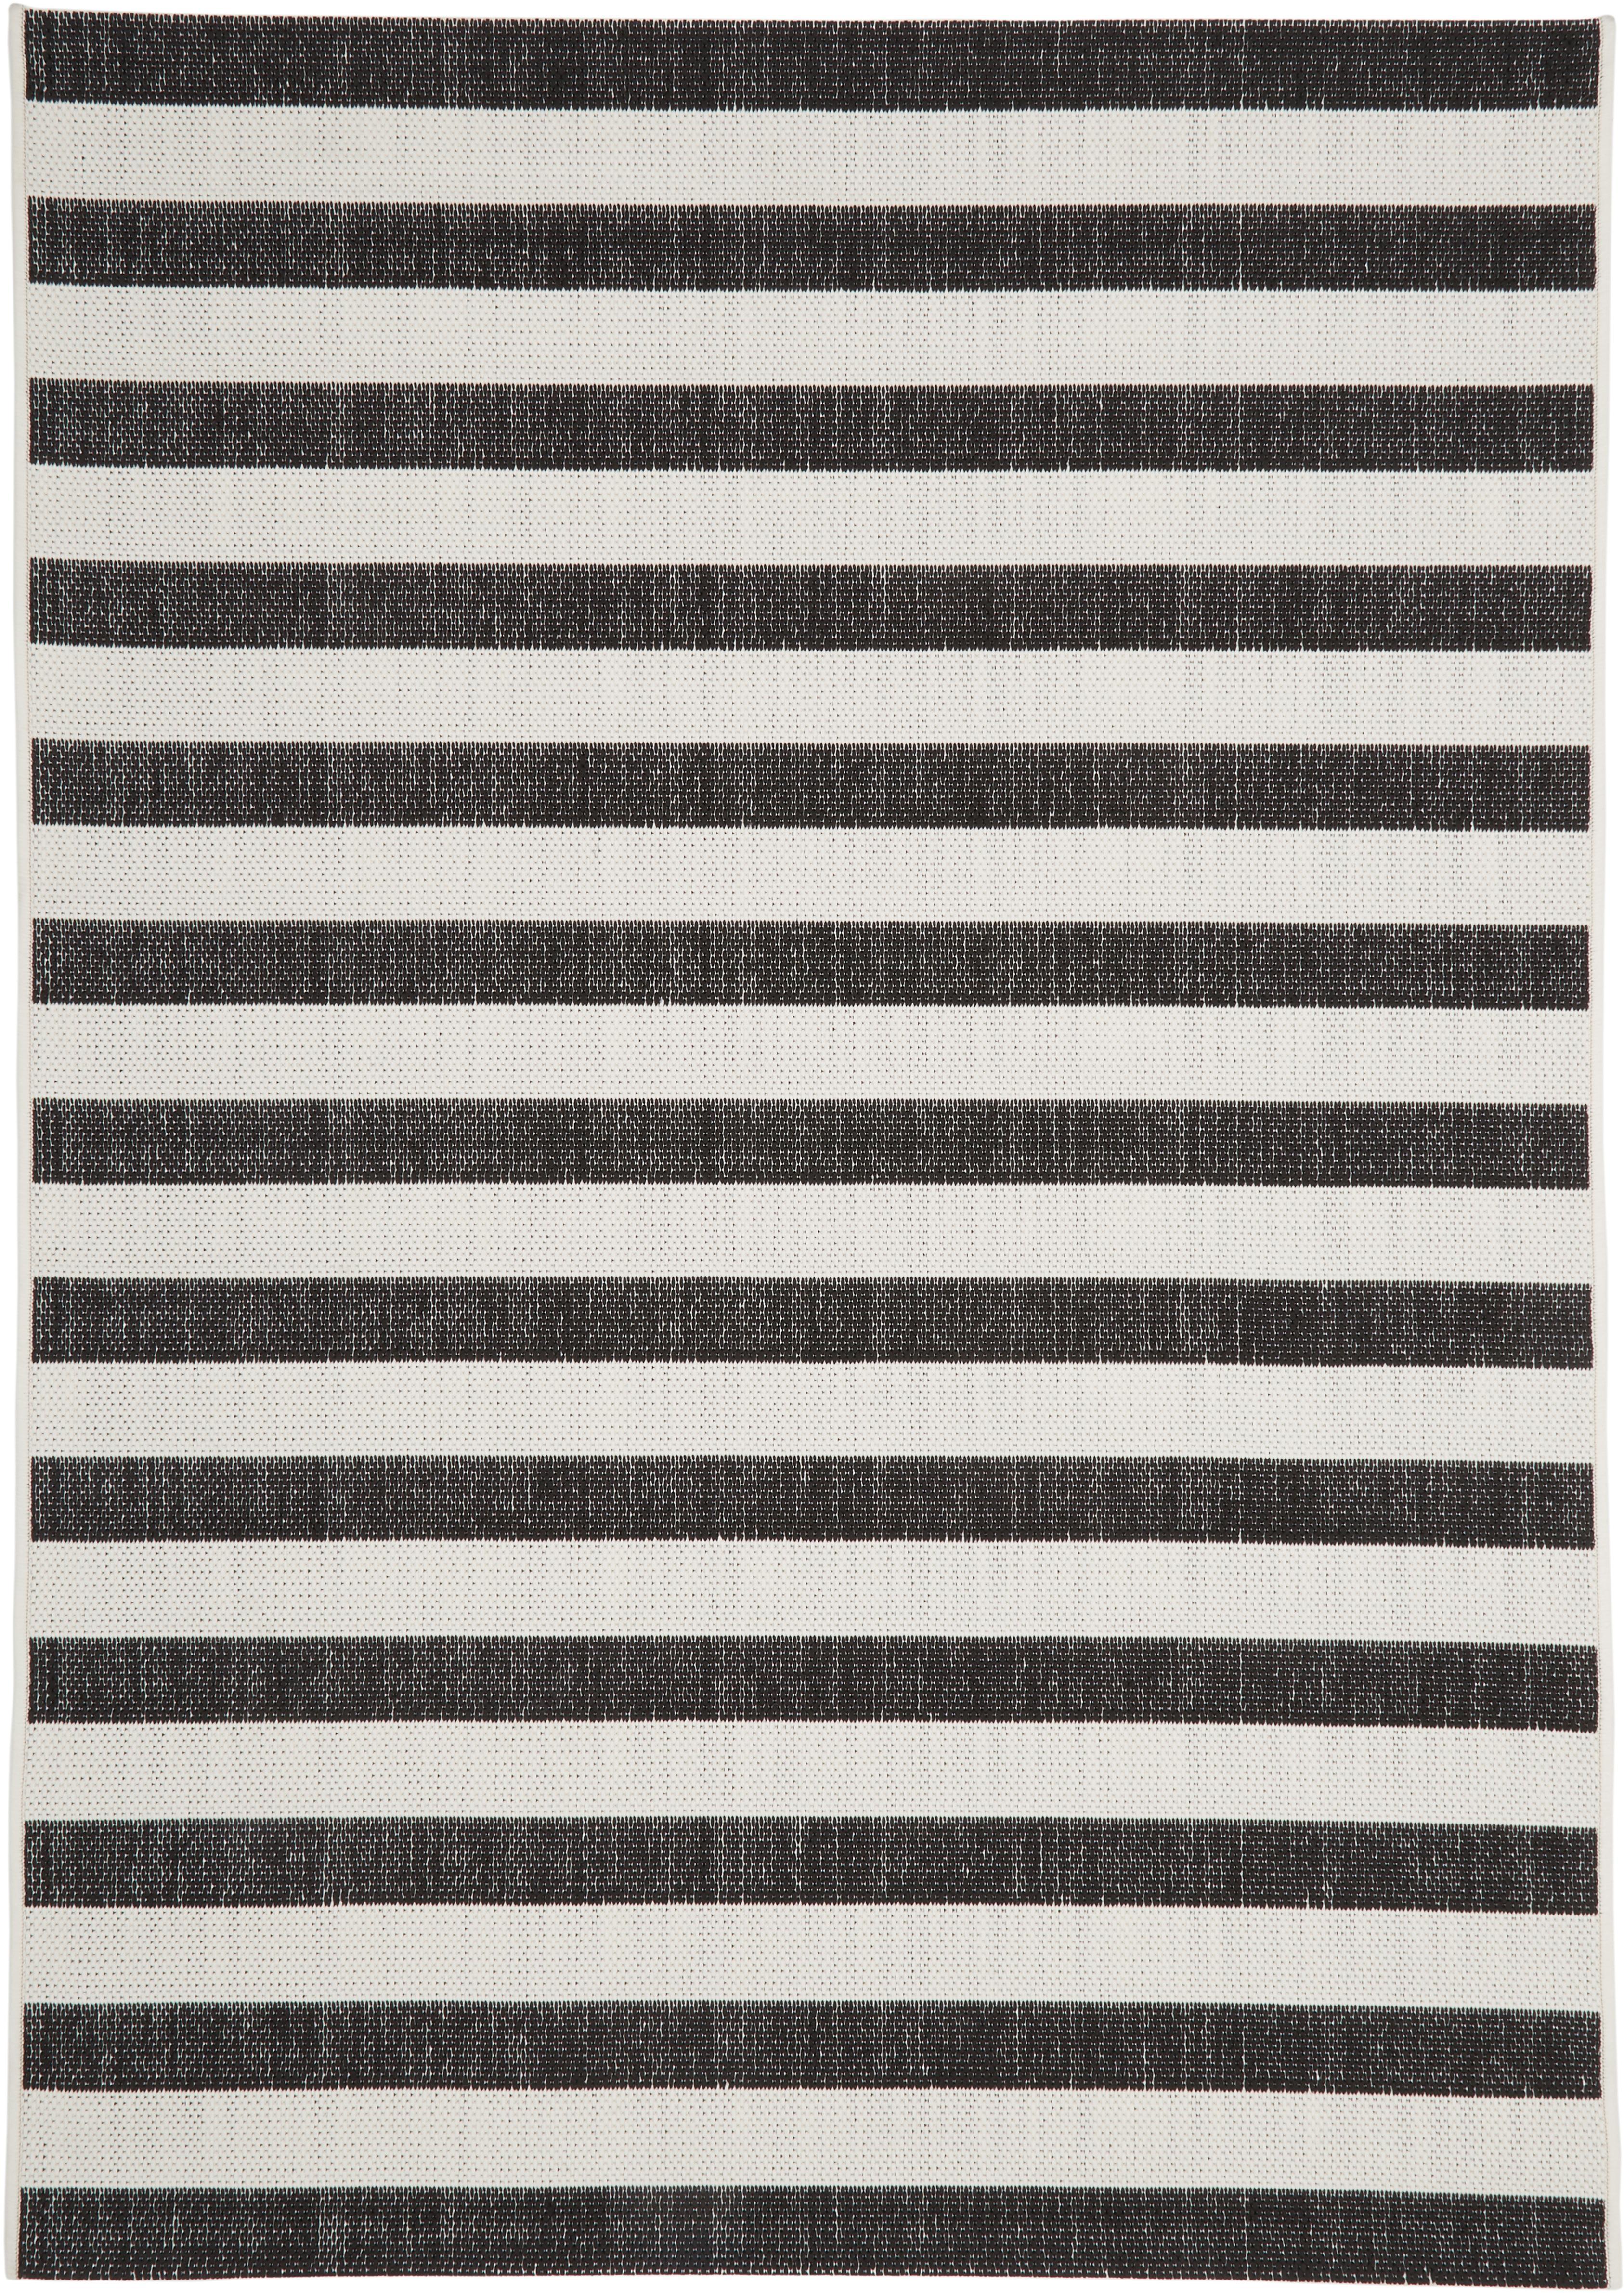 Gestreifter In- & Outdoor-Teppich Axa in Schwarz/Weiß, Flor: 100% Polypropylen, Cremeweiß, Schwarz, B 120 x L 170 cm (Größe S)